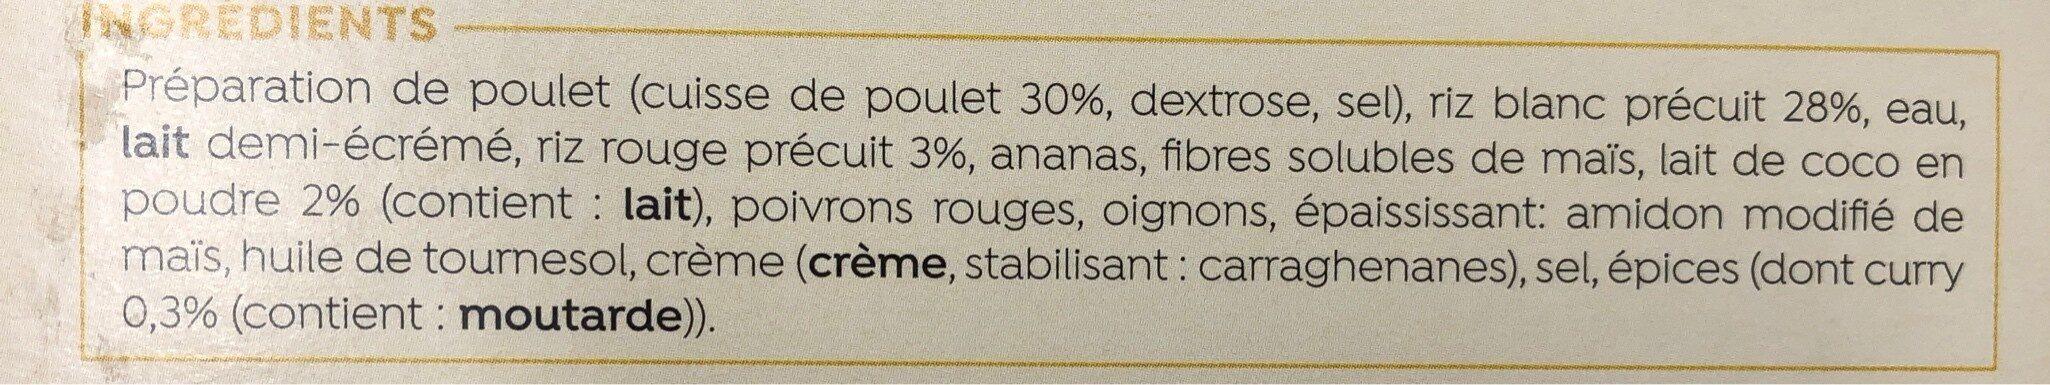 poulet curry - Ingrédients - fr